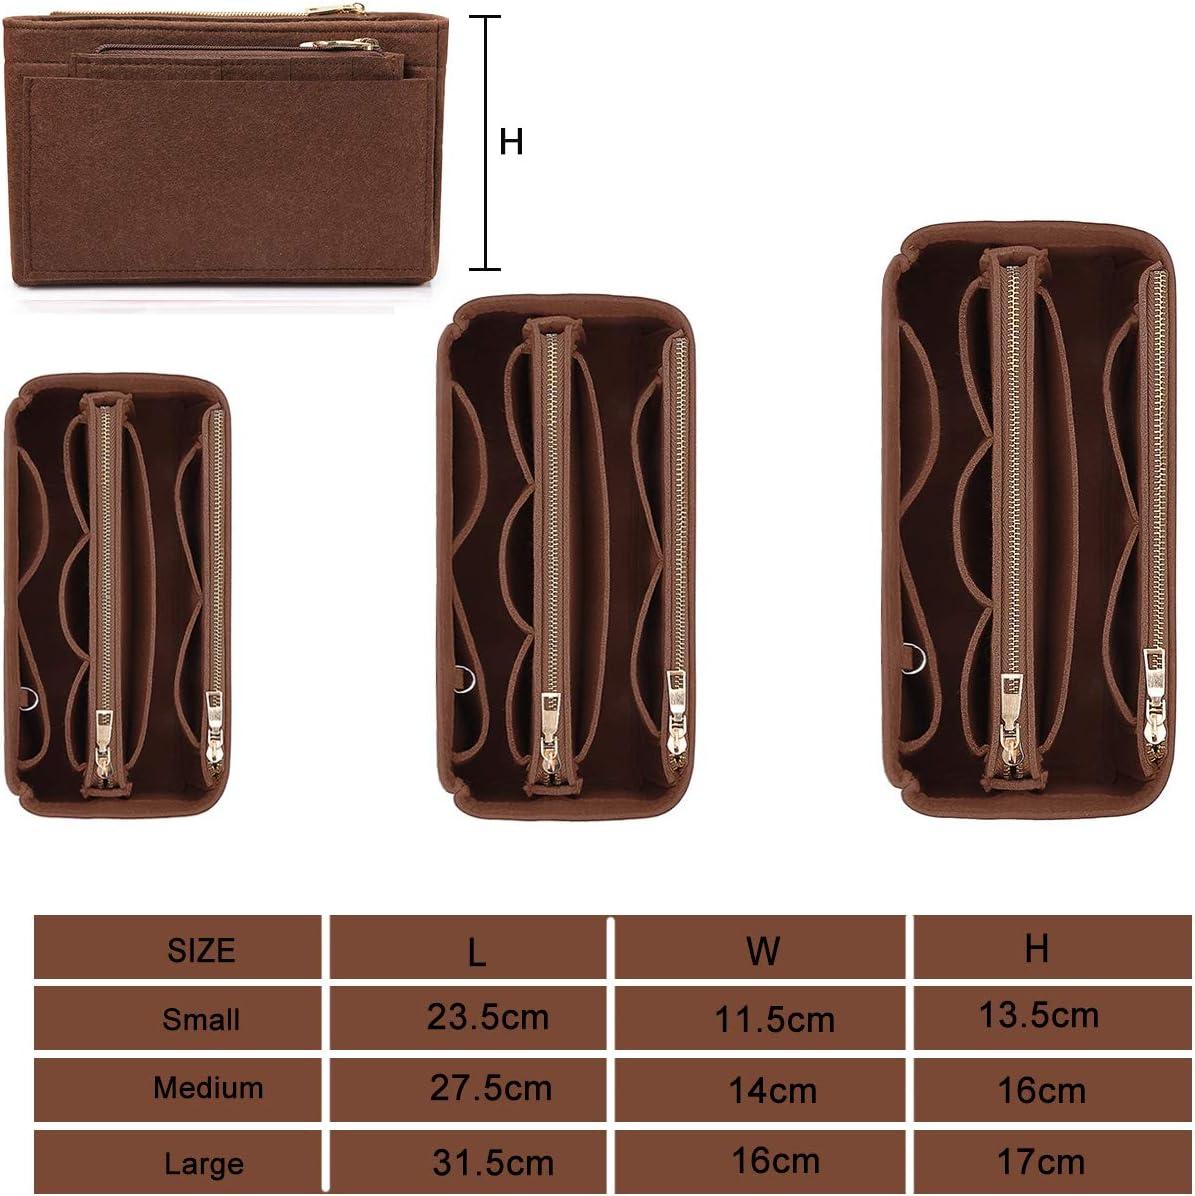 Handtaschen Organizer mit Rei/ßVerschluss HyFanStr Taschenorganizer Filz mit Kreditkartenetui Innentaschen f/ür Handtaschen Schwarz Gro/ß